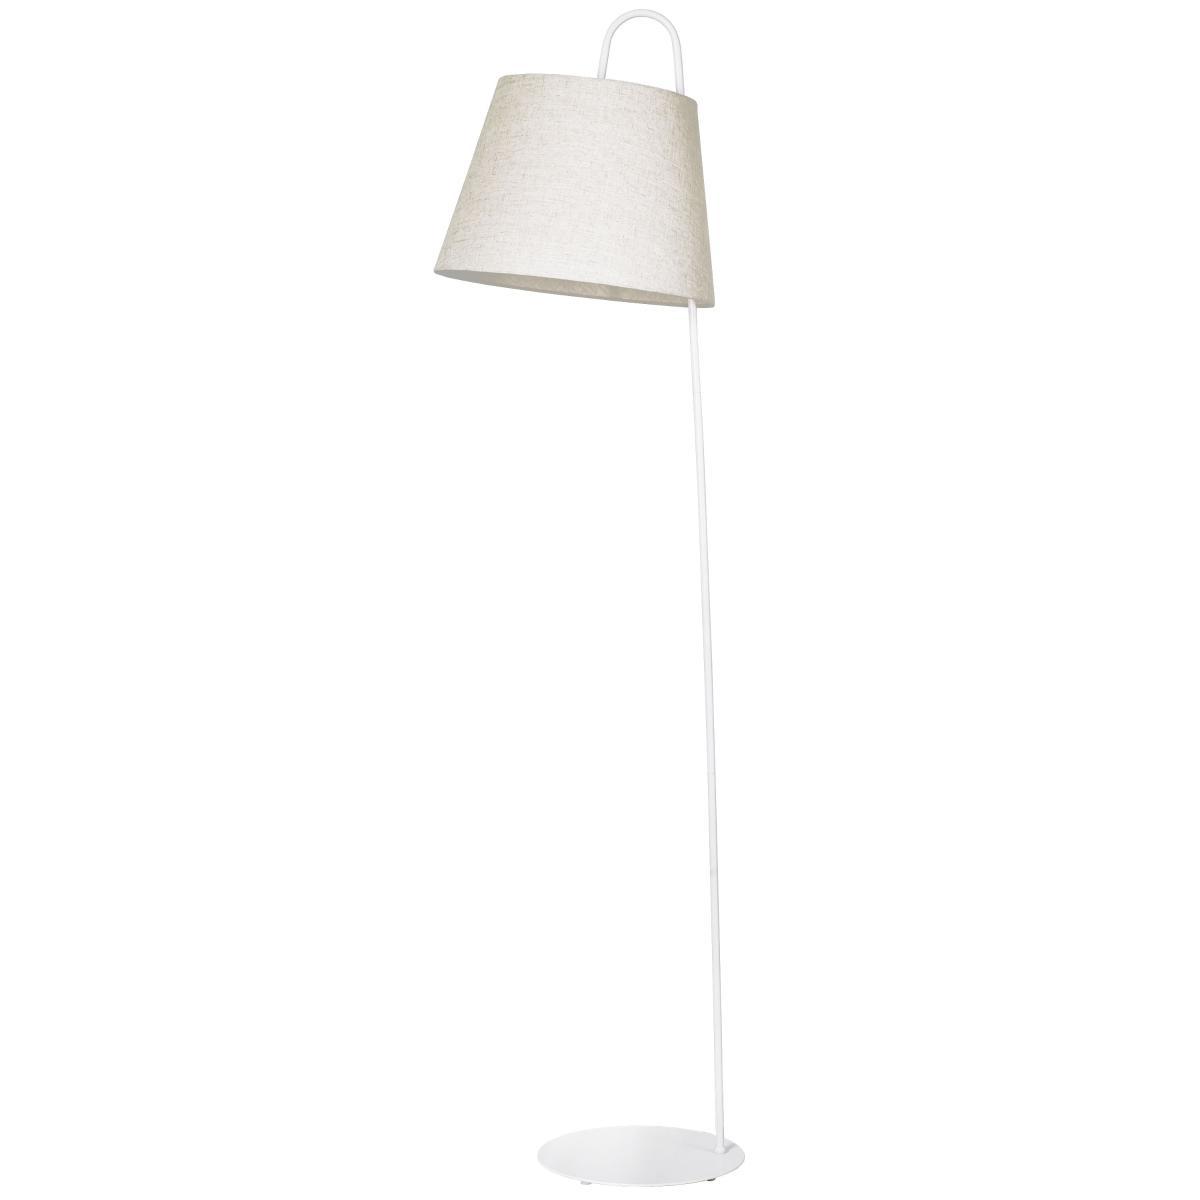 Luminária De Chão Branca Em Metal E Tecido Com Cúpula Palha